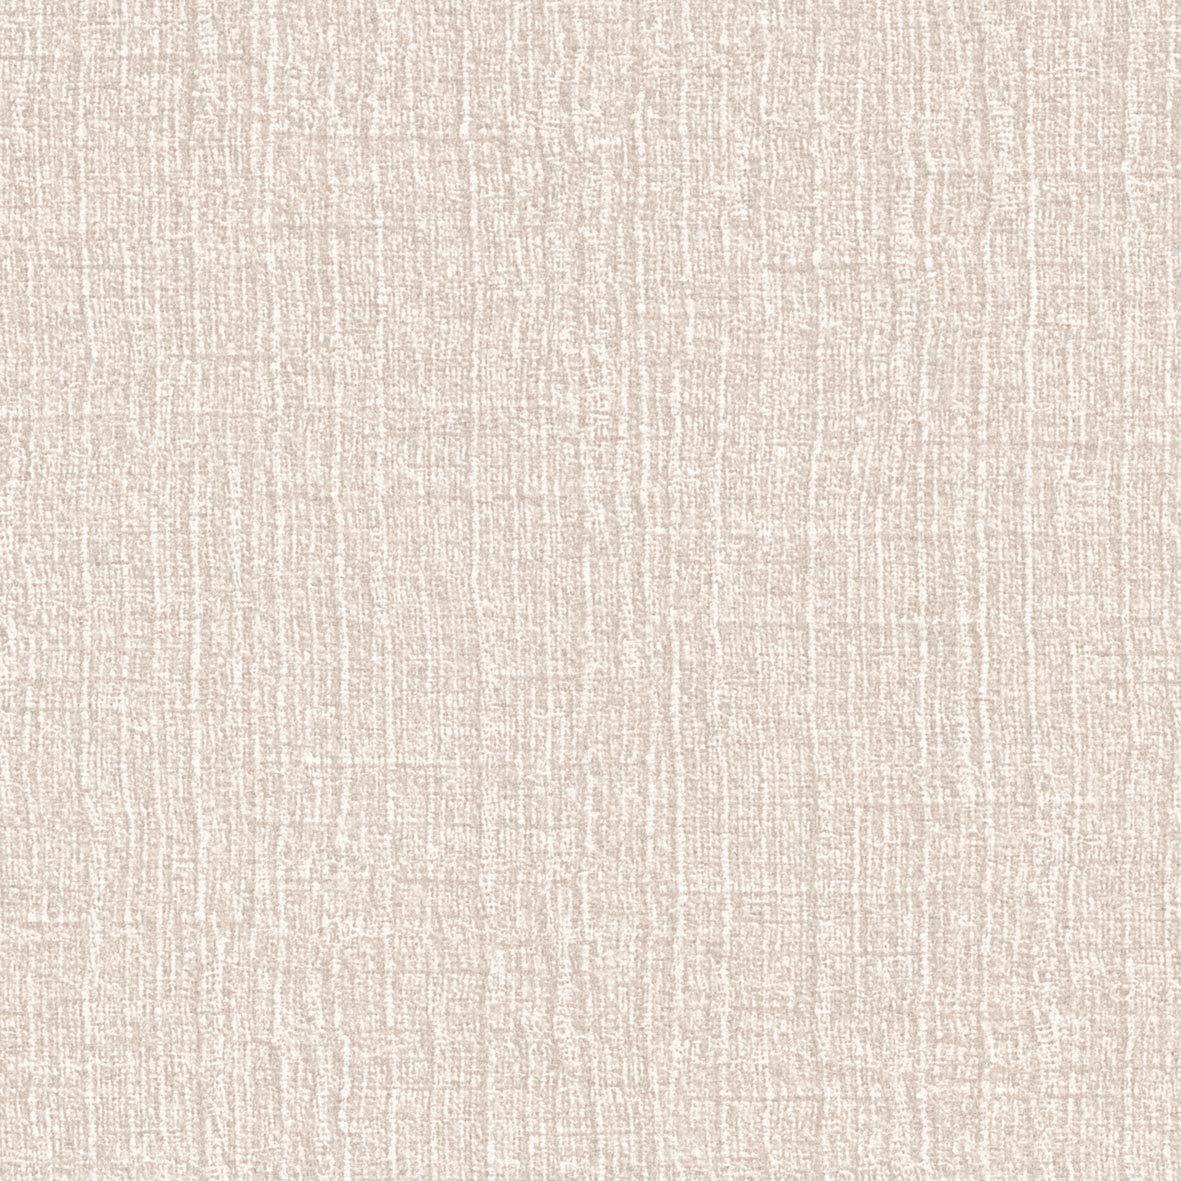 リリカラ 壁紙47m モダン 和紙調 ホワイト 撥水トップコートComfort Selection-消臭- LW-2063 B076133HB3 47m|ホワイト